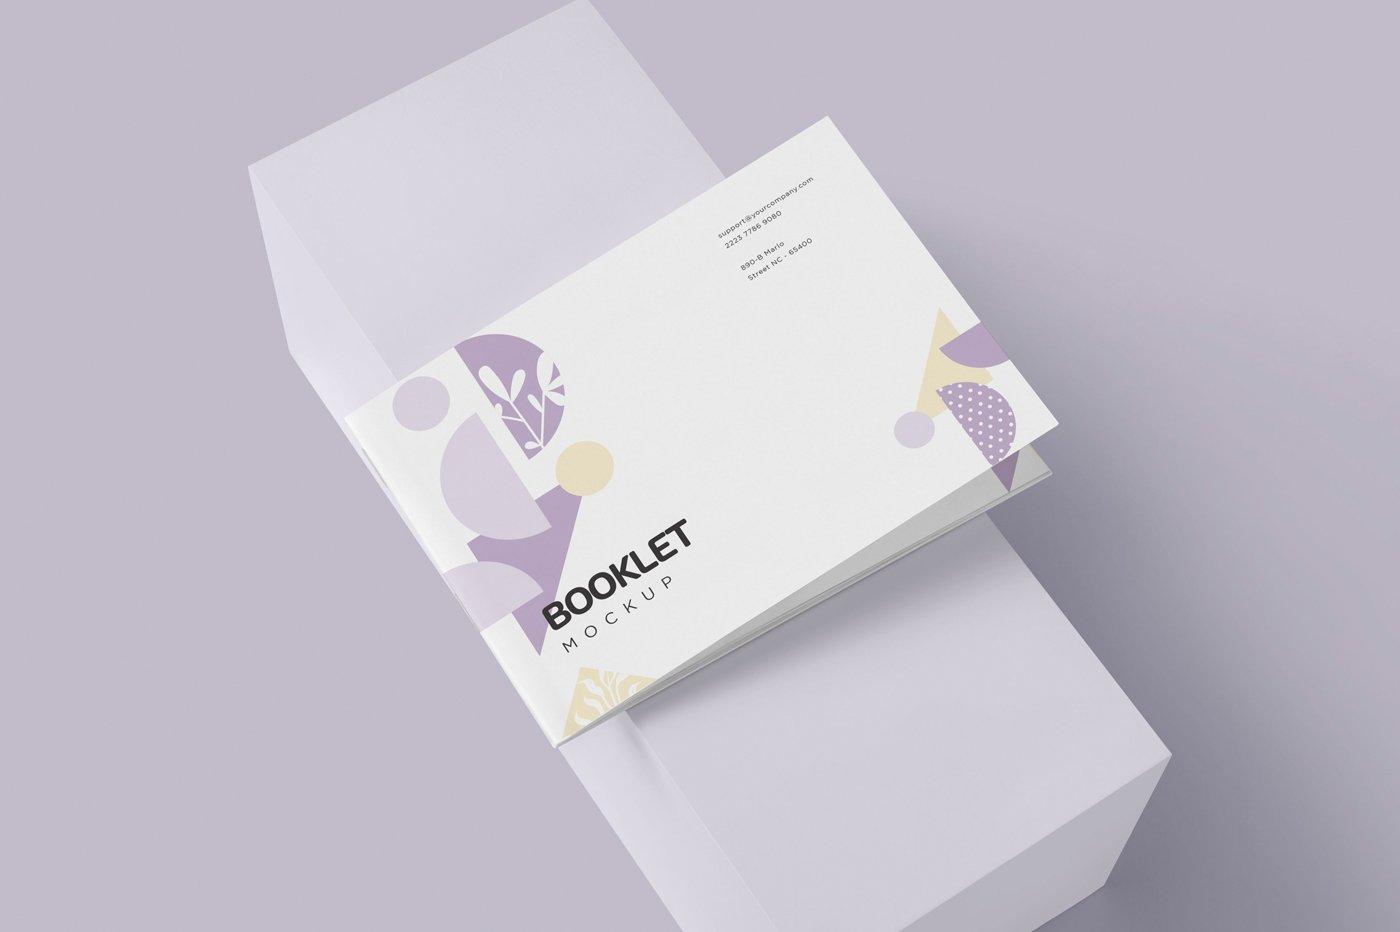 横版宣传手册画册设计展示样机模板 Landscape Booklet Mockup Templates插图